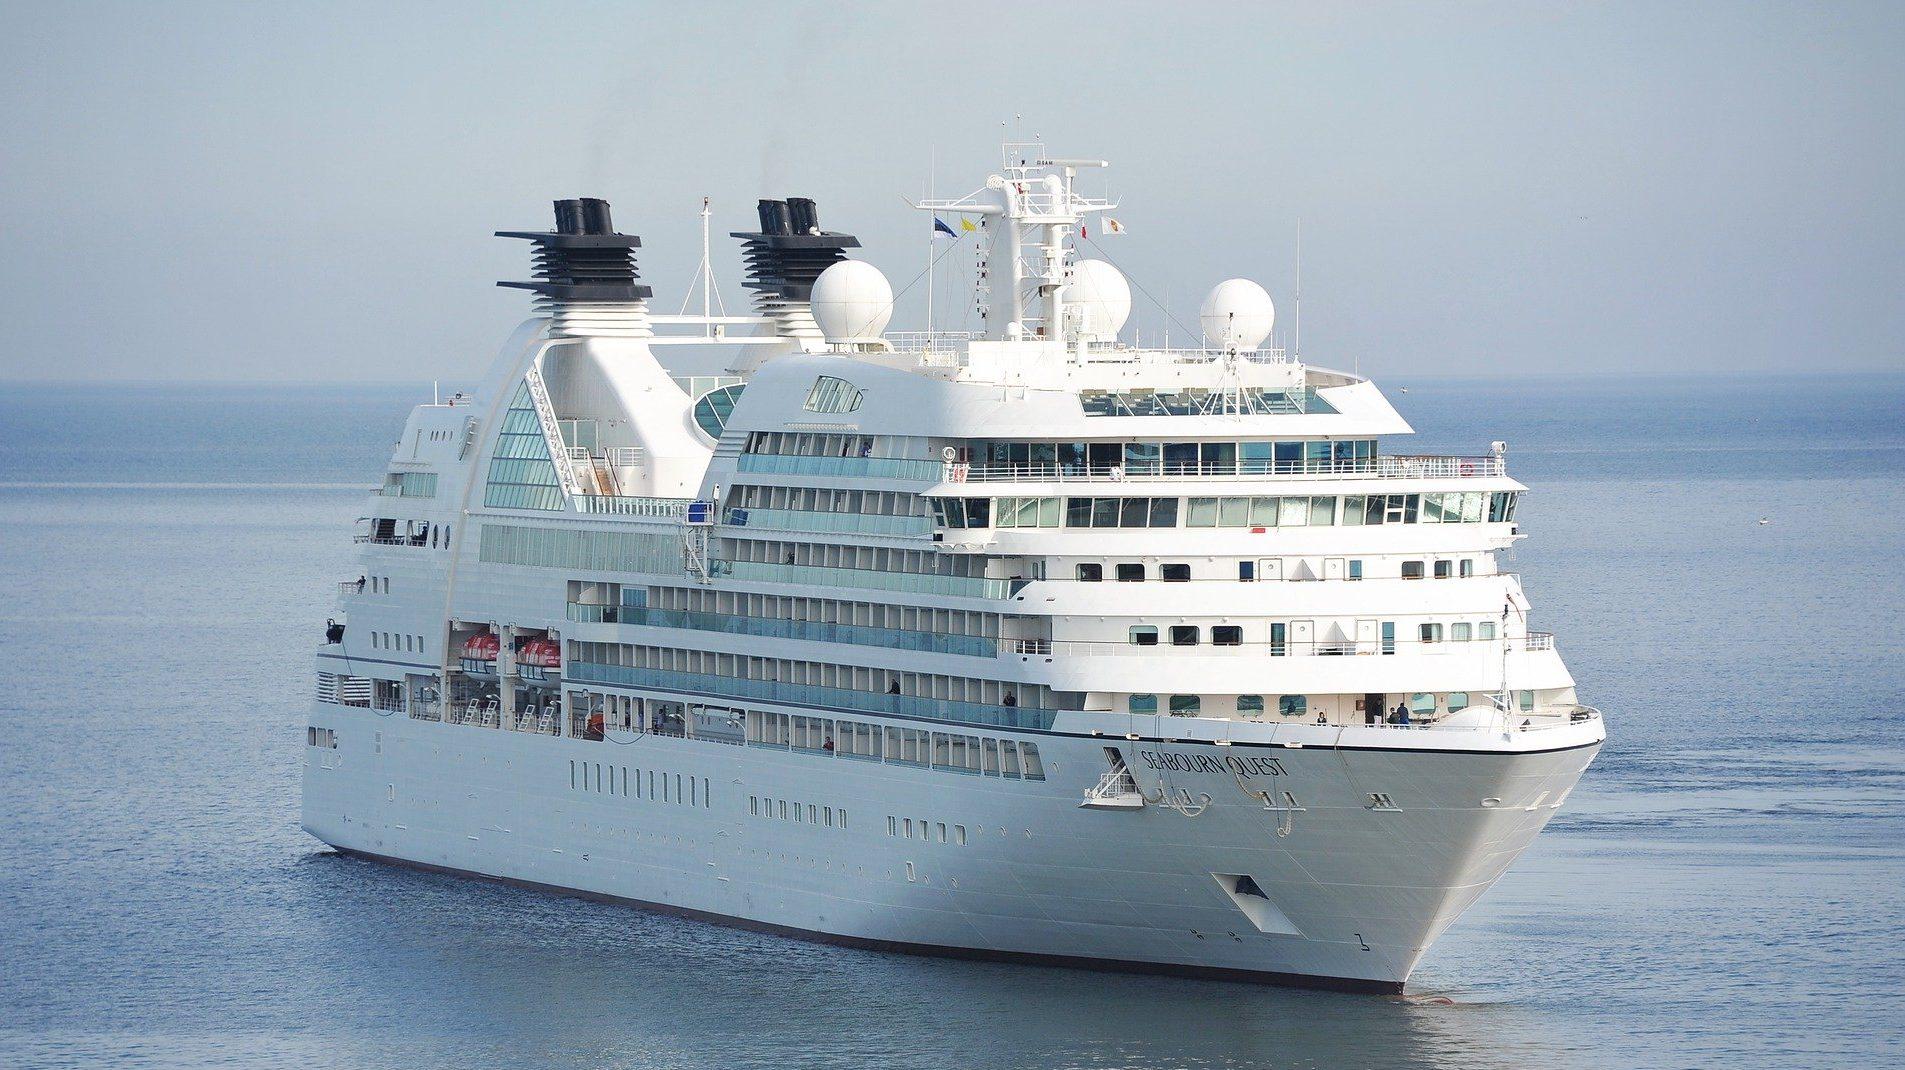 אוניות תענוגות ומבטחיהן צפויות לגל תביעות משמעותי